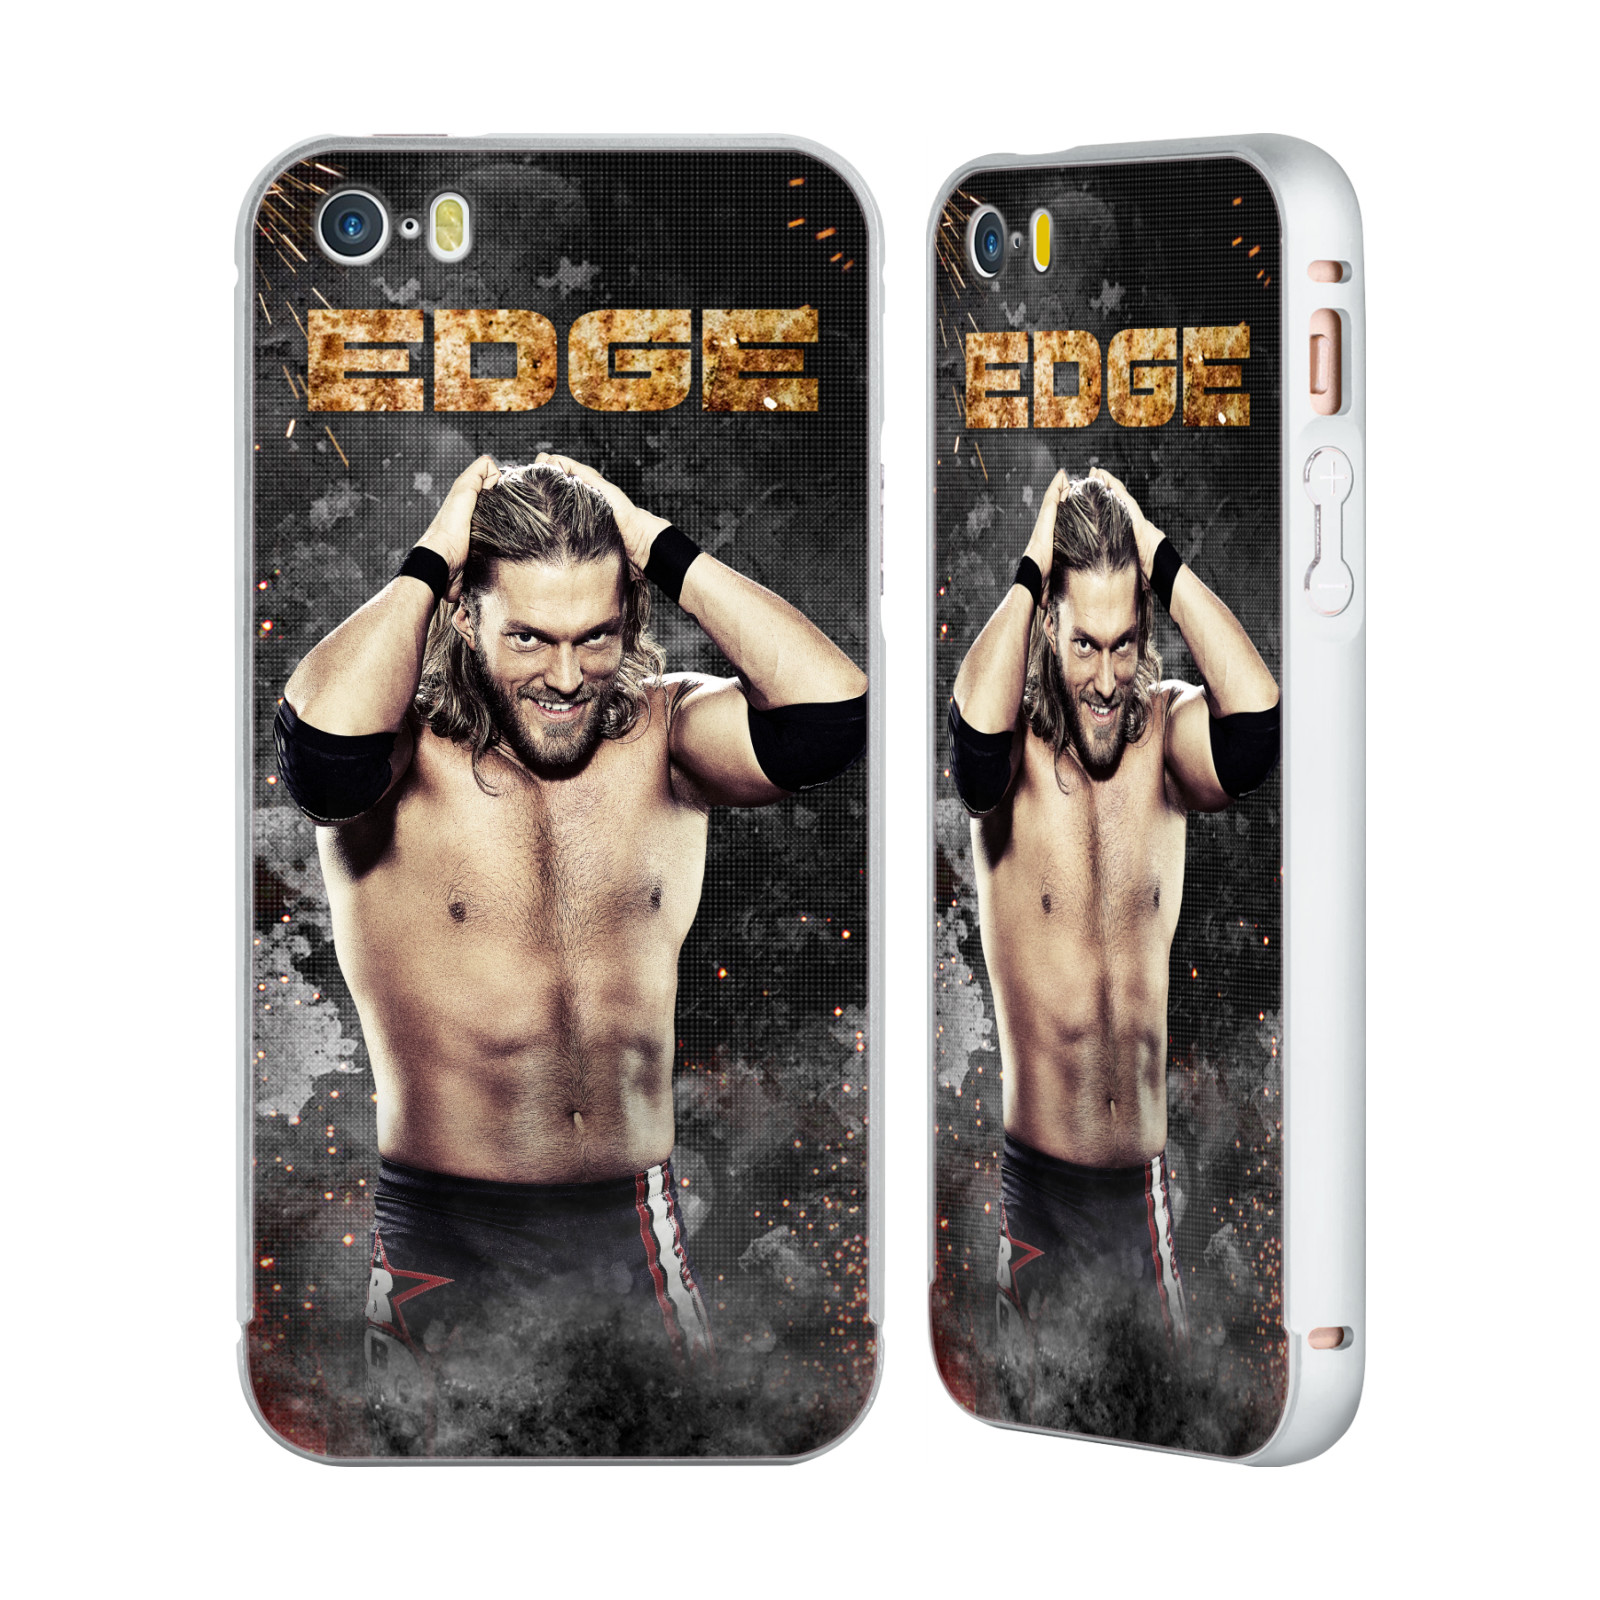 OFFICIEL-WWE-EDGE-ARGENT-ETUI-COQUE-BUMPER-SLIDER-POUR-APPLE-iPHONE-TELEPHONES